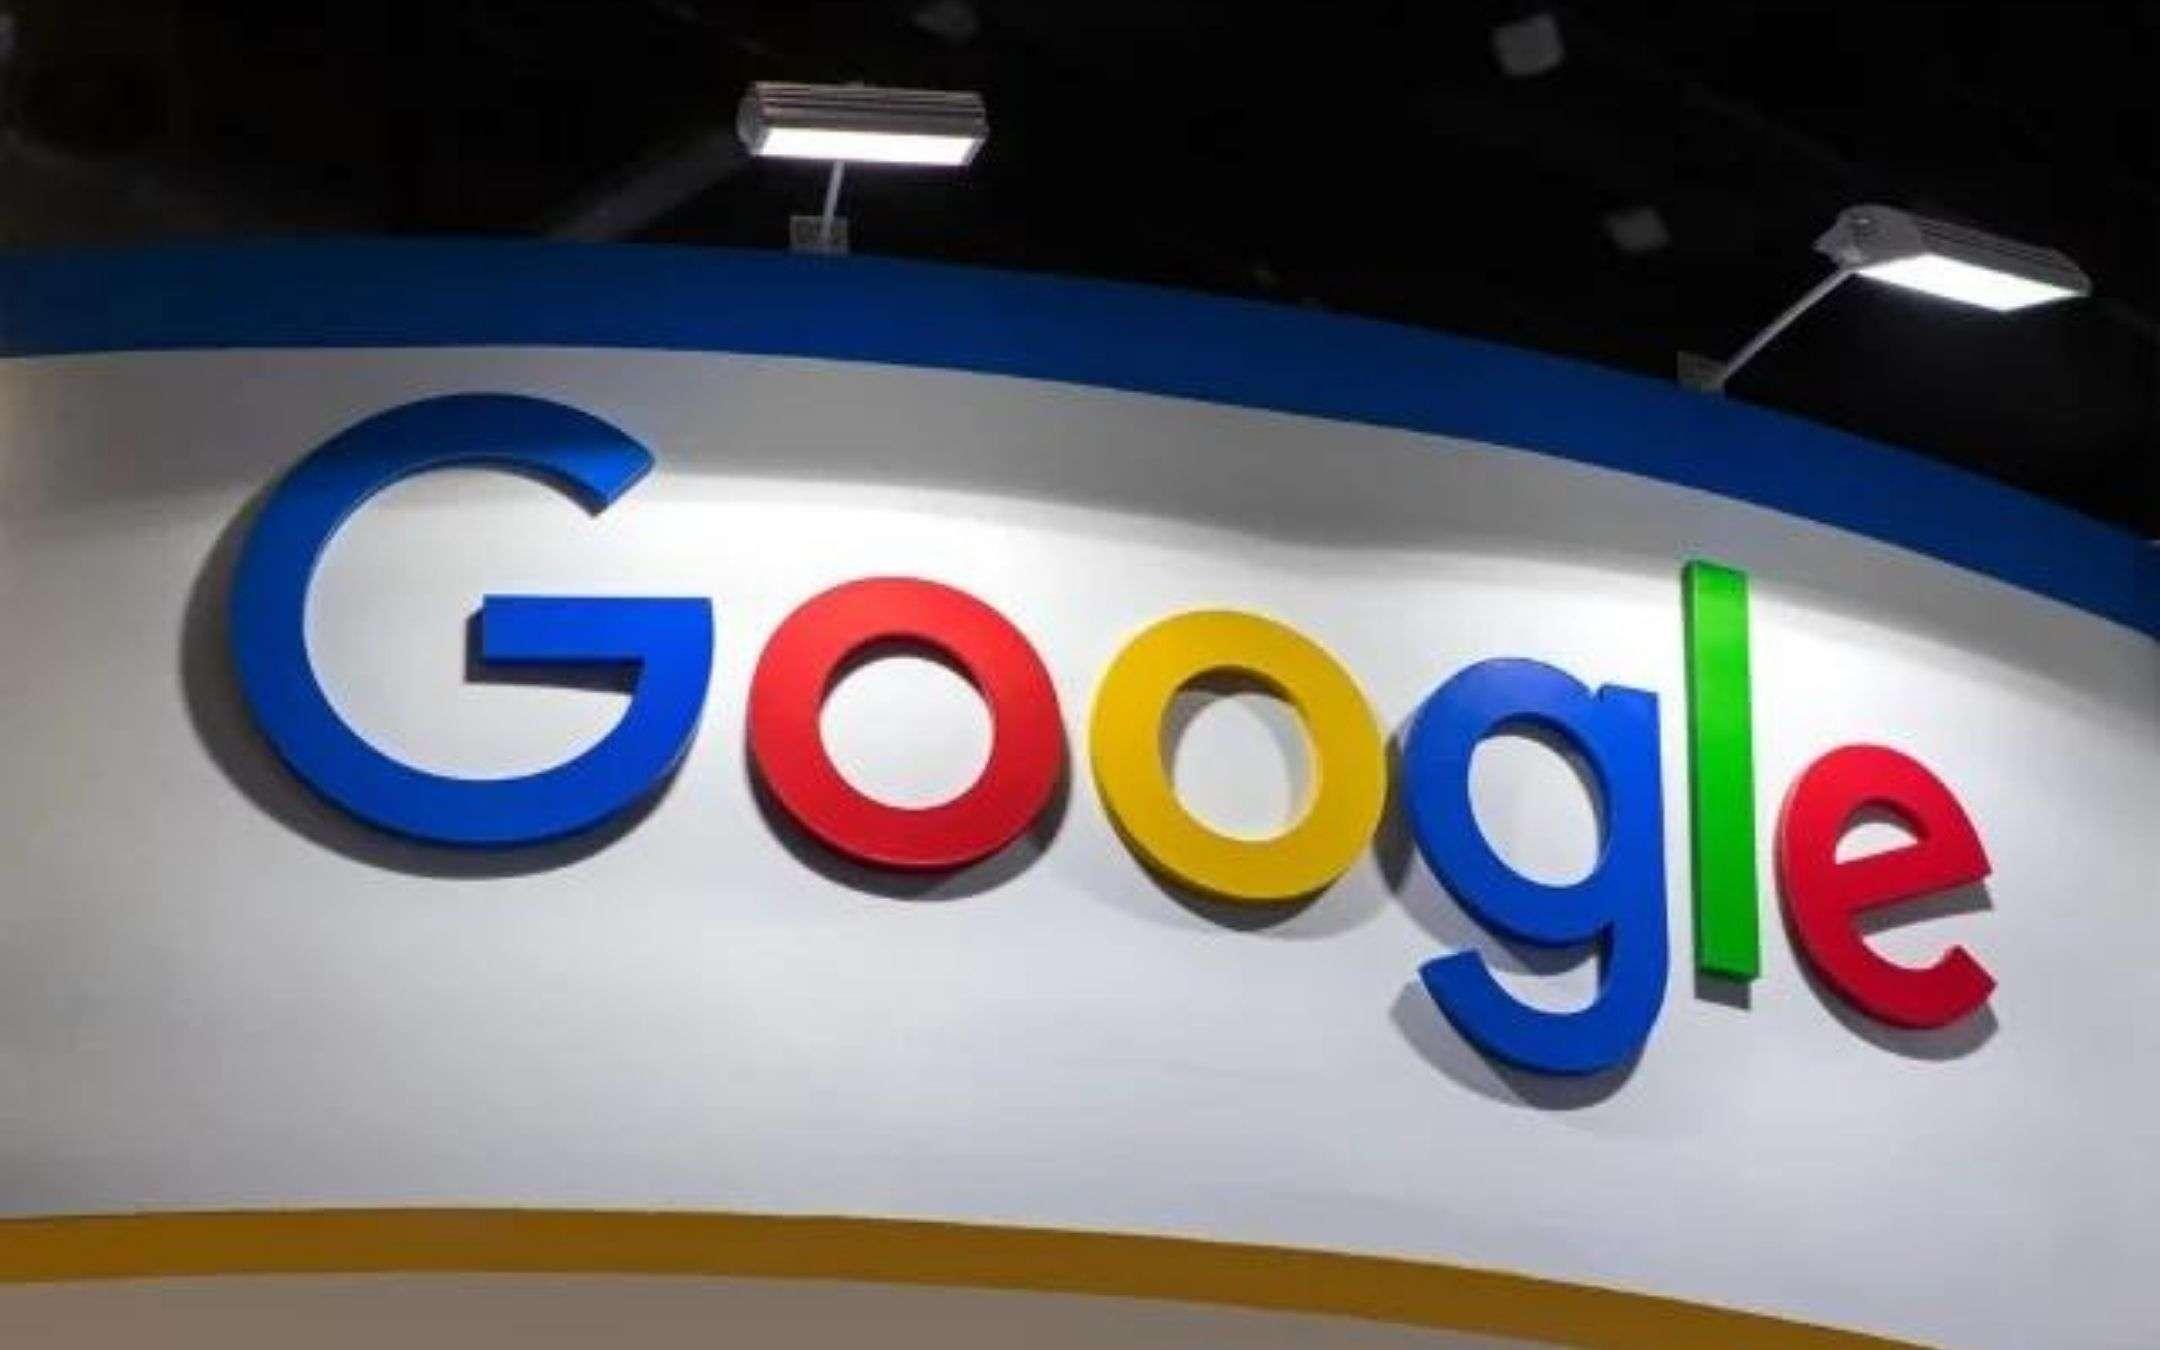 Google Store, sconto del 20% su una selezione di prodotti (solo per oggi)